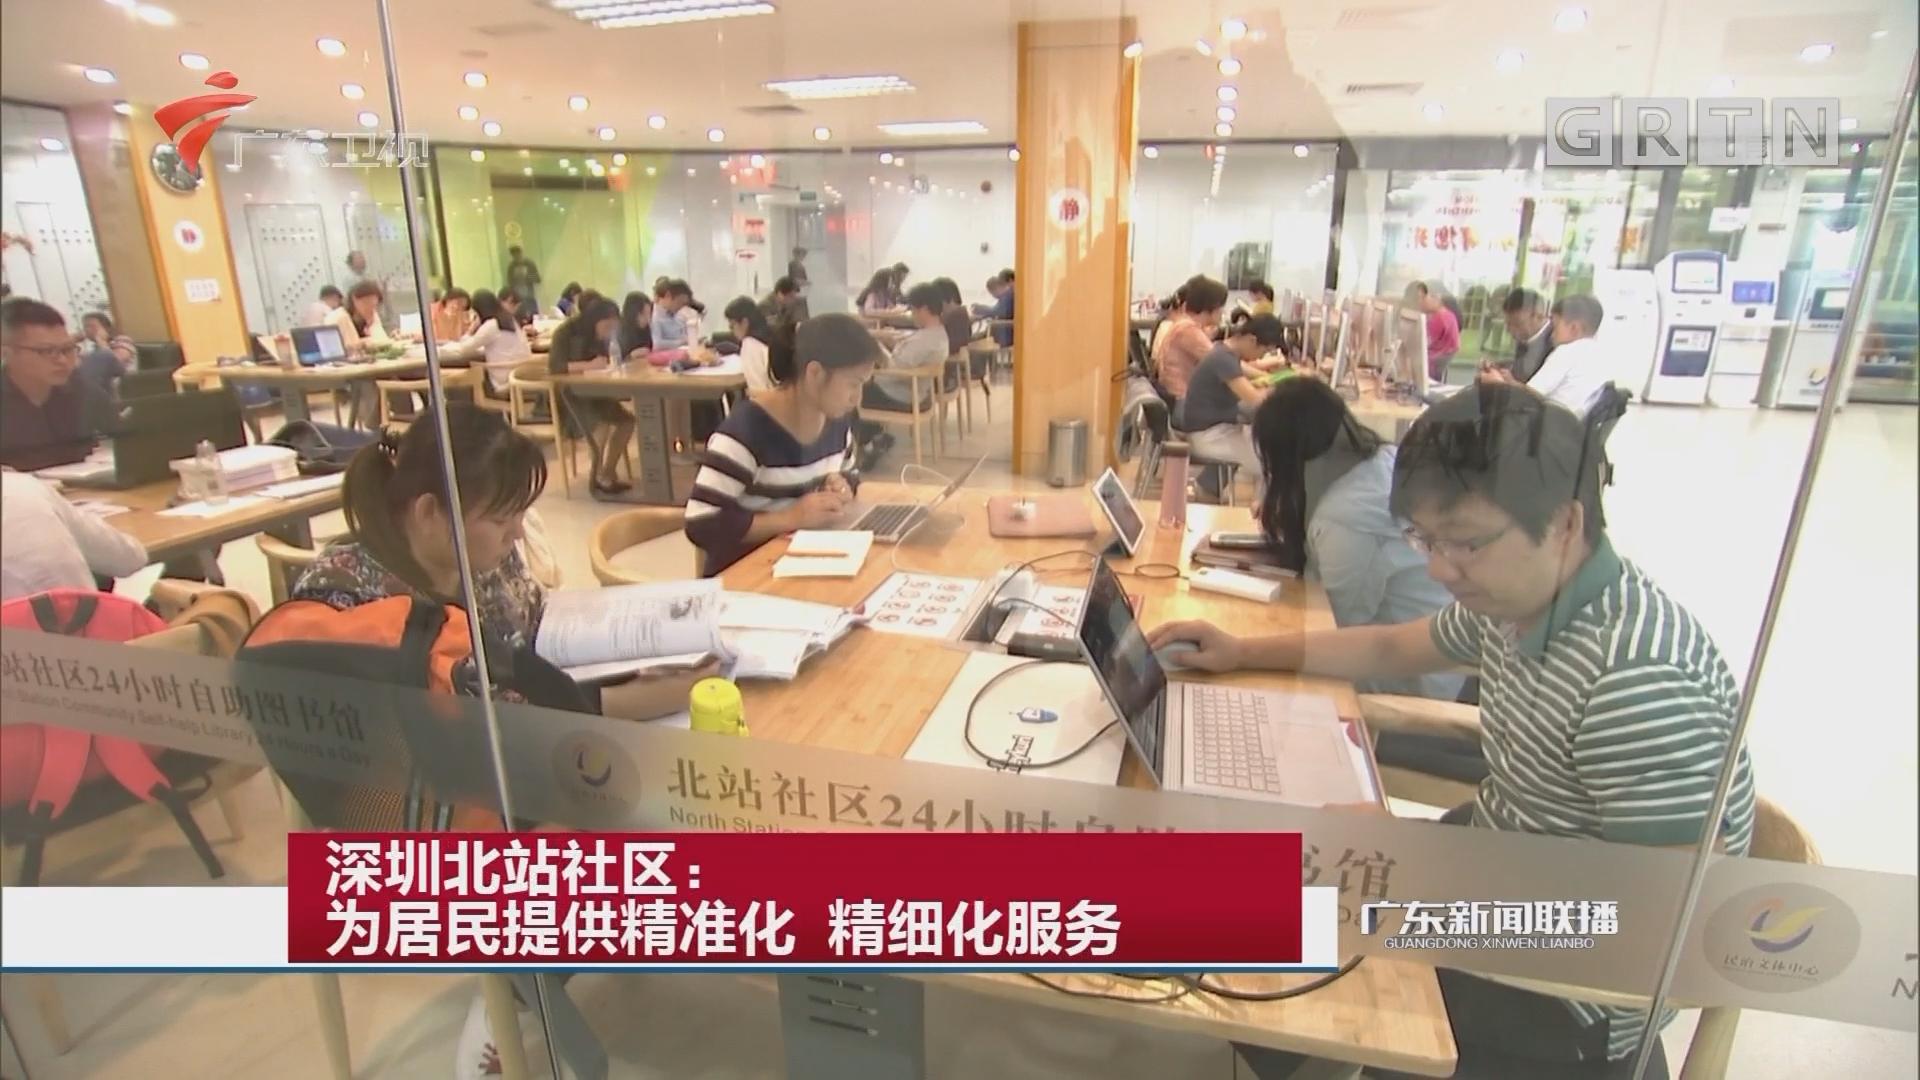 深圳北站社区:为居民提供精准化 精细化服务